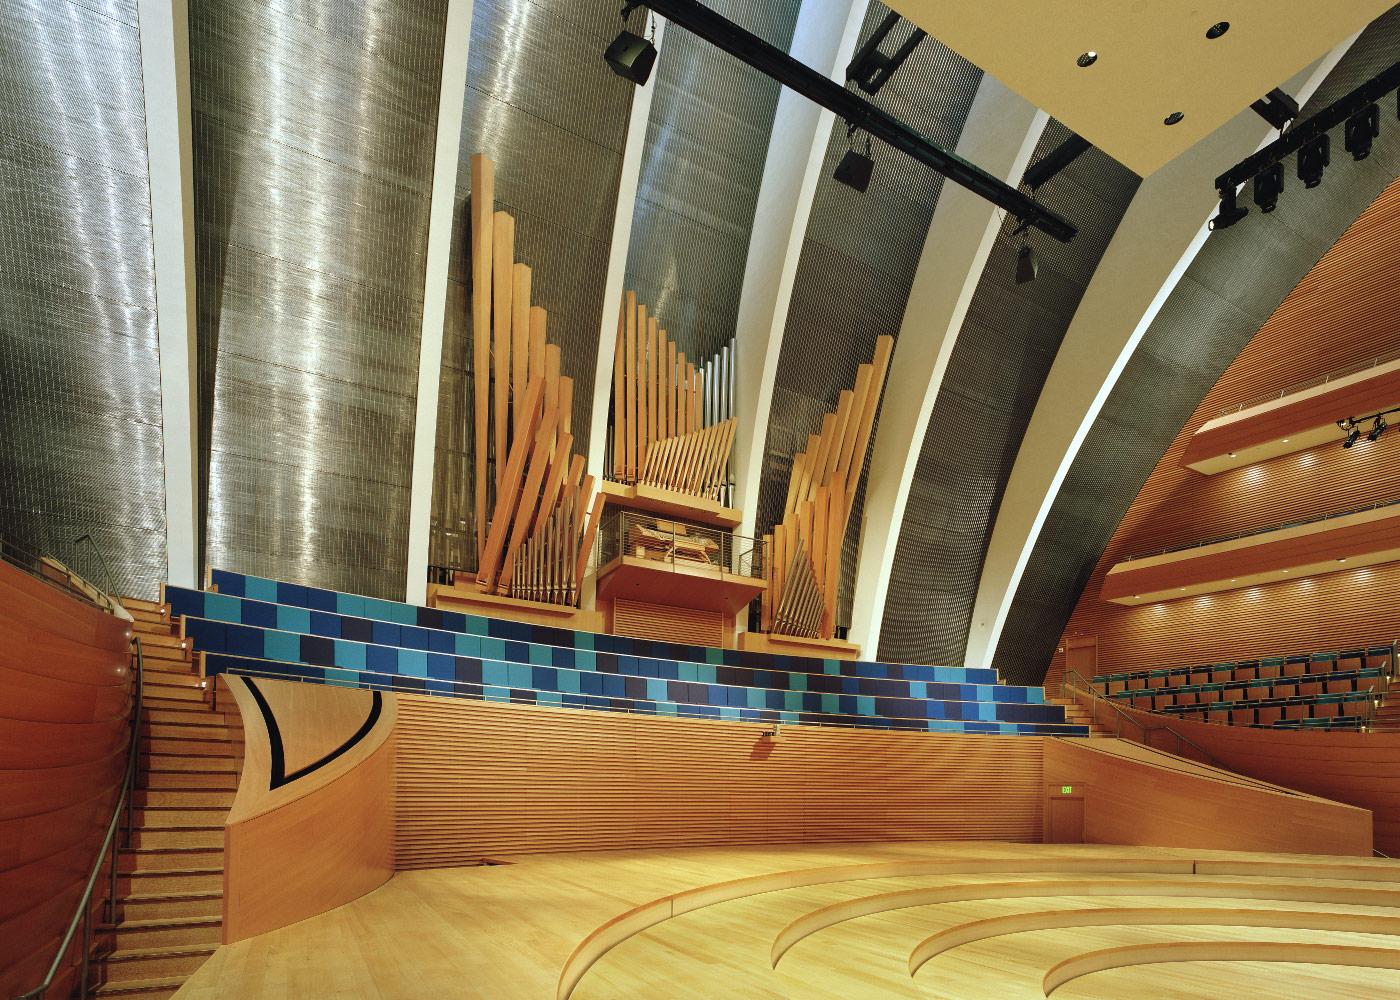 The Julia Irene Kauffman Casavant Organ, Opus 3875